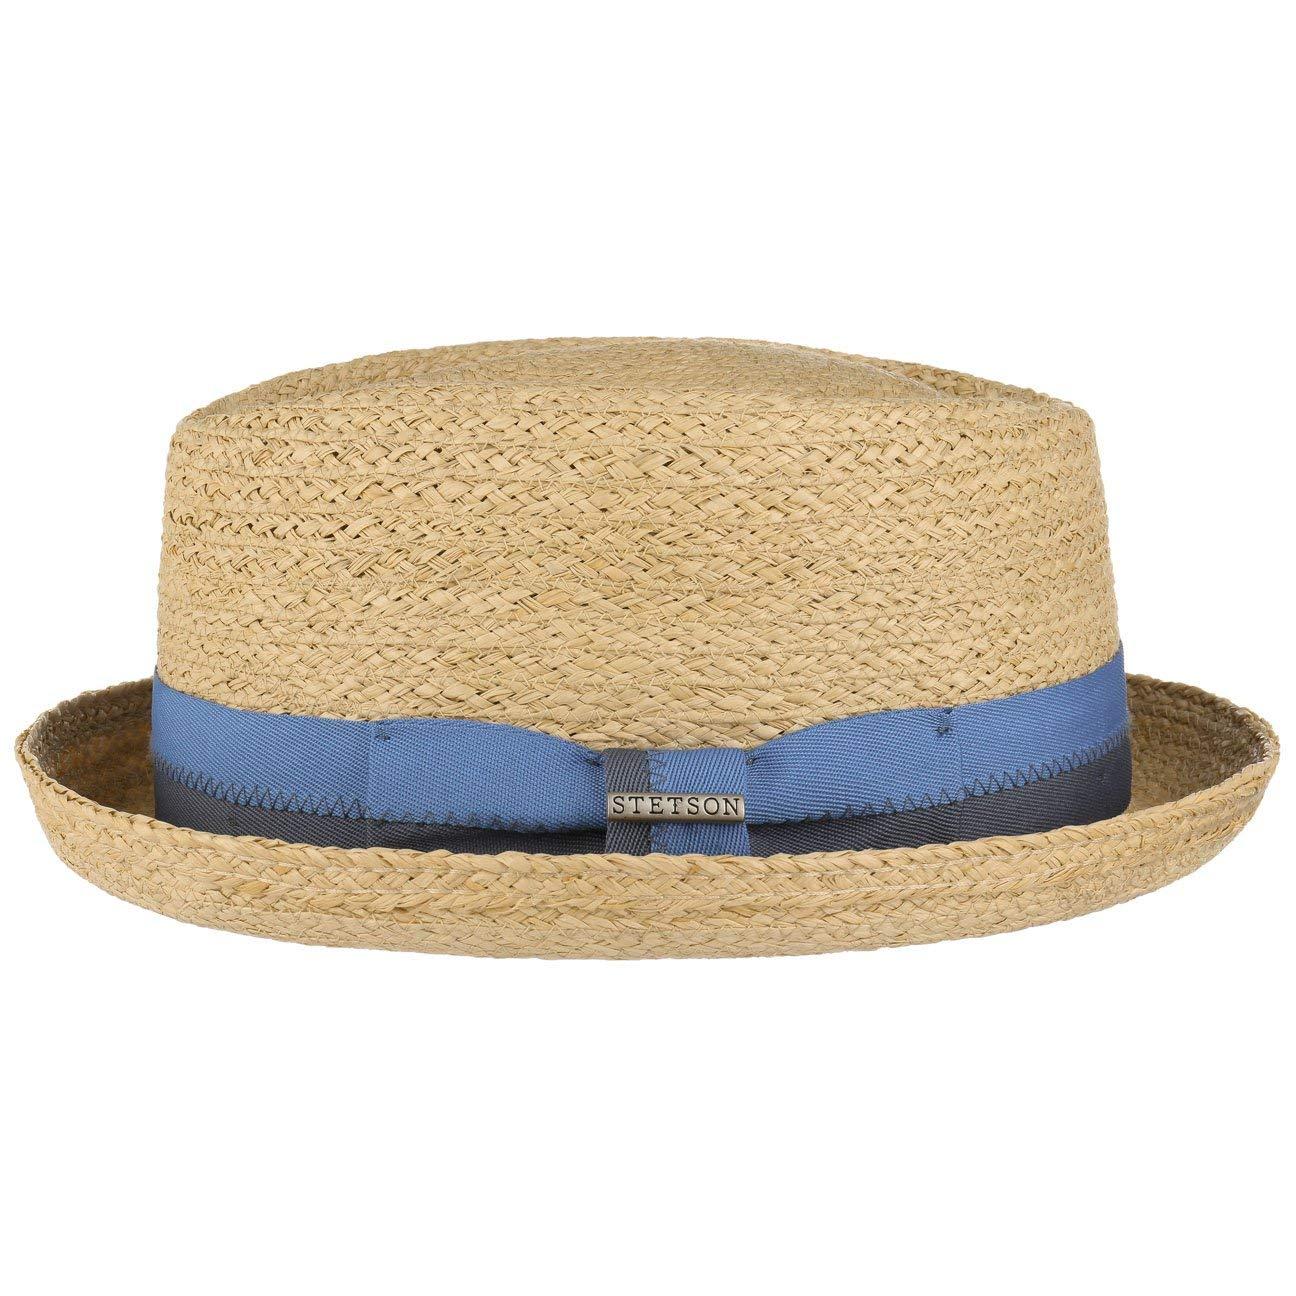 Cappelli da Spiaggia Sole Fedora con Nastro in Grosgrain Primavera//Estate Stetson Cappello Rafia Laverne Diamond Uomo